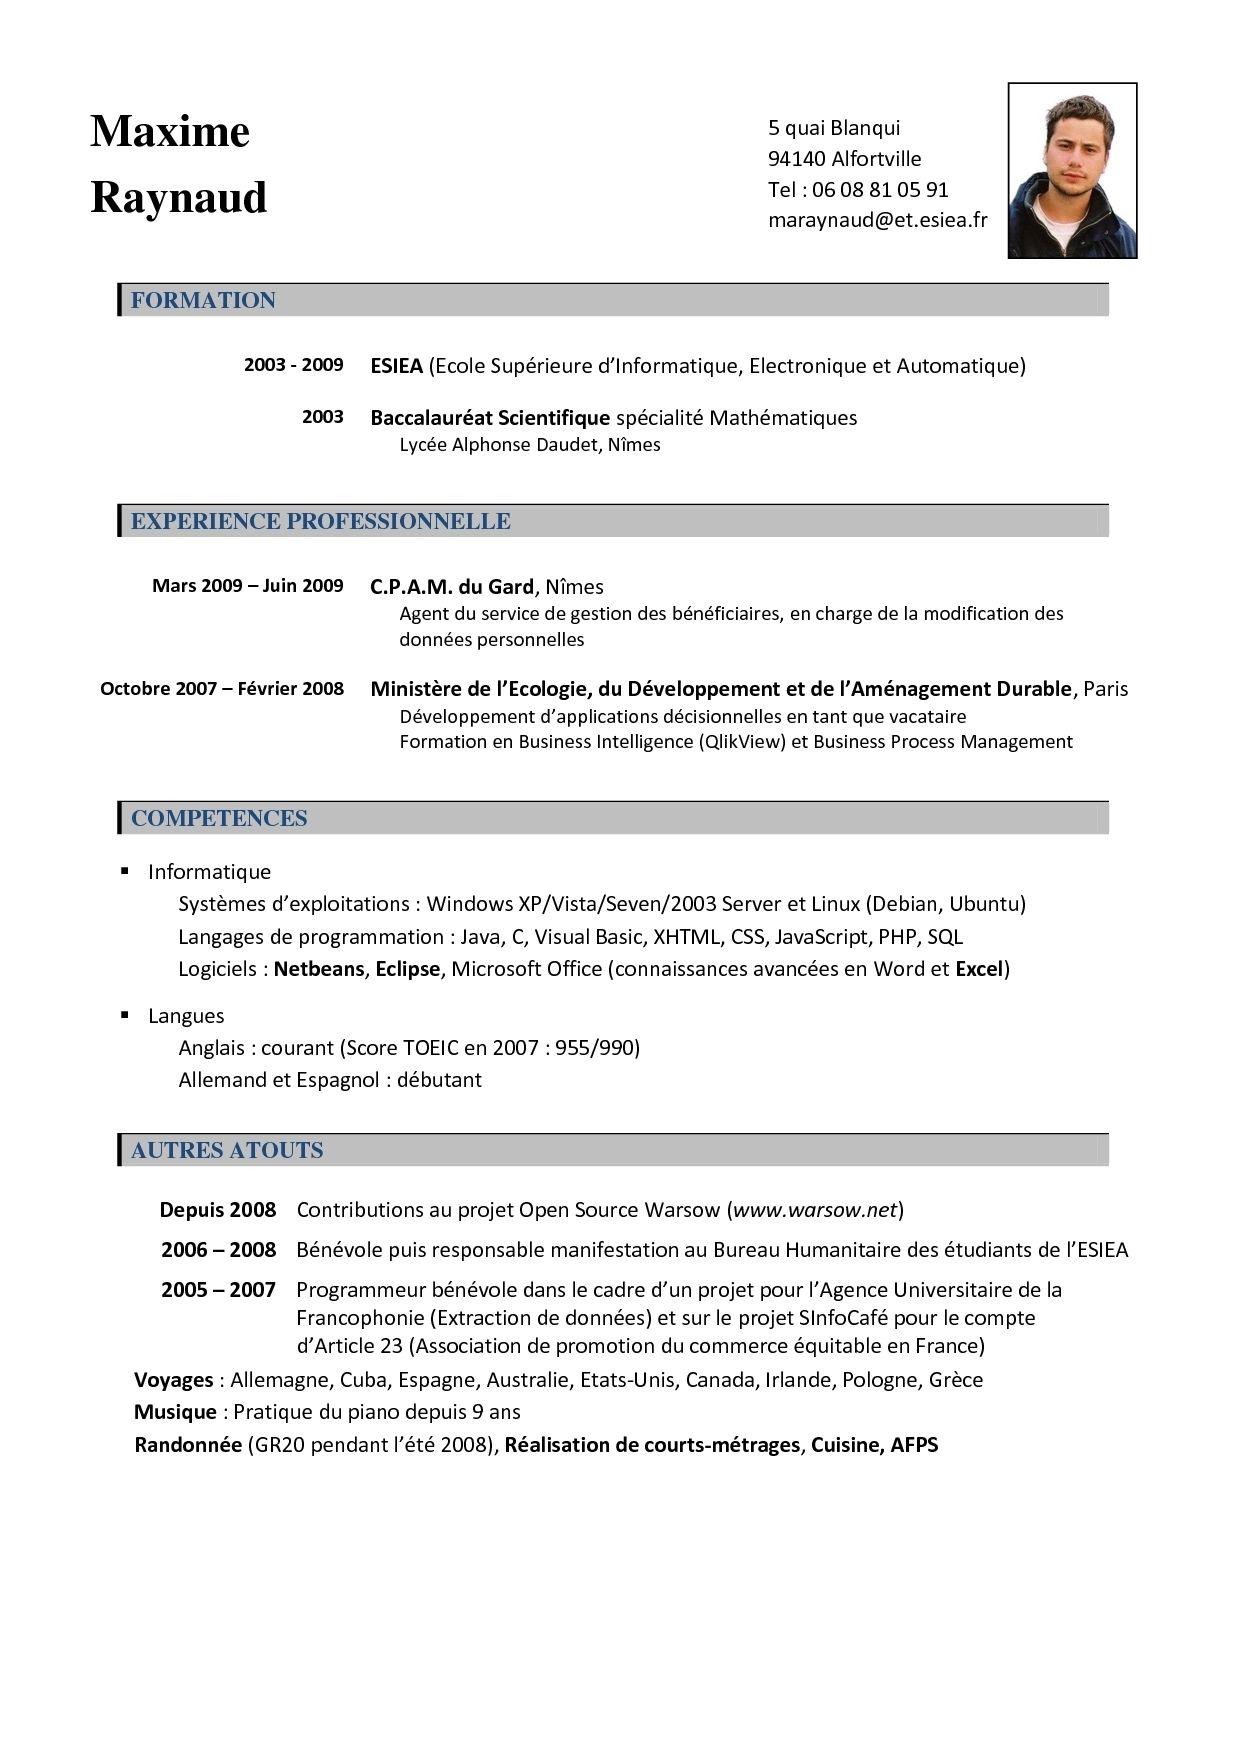 Curriculum Vitae Francais Modelos de curriculum vitae